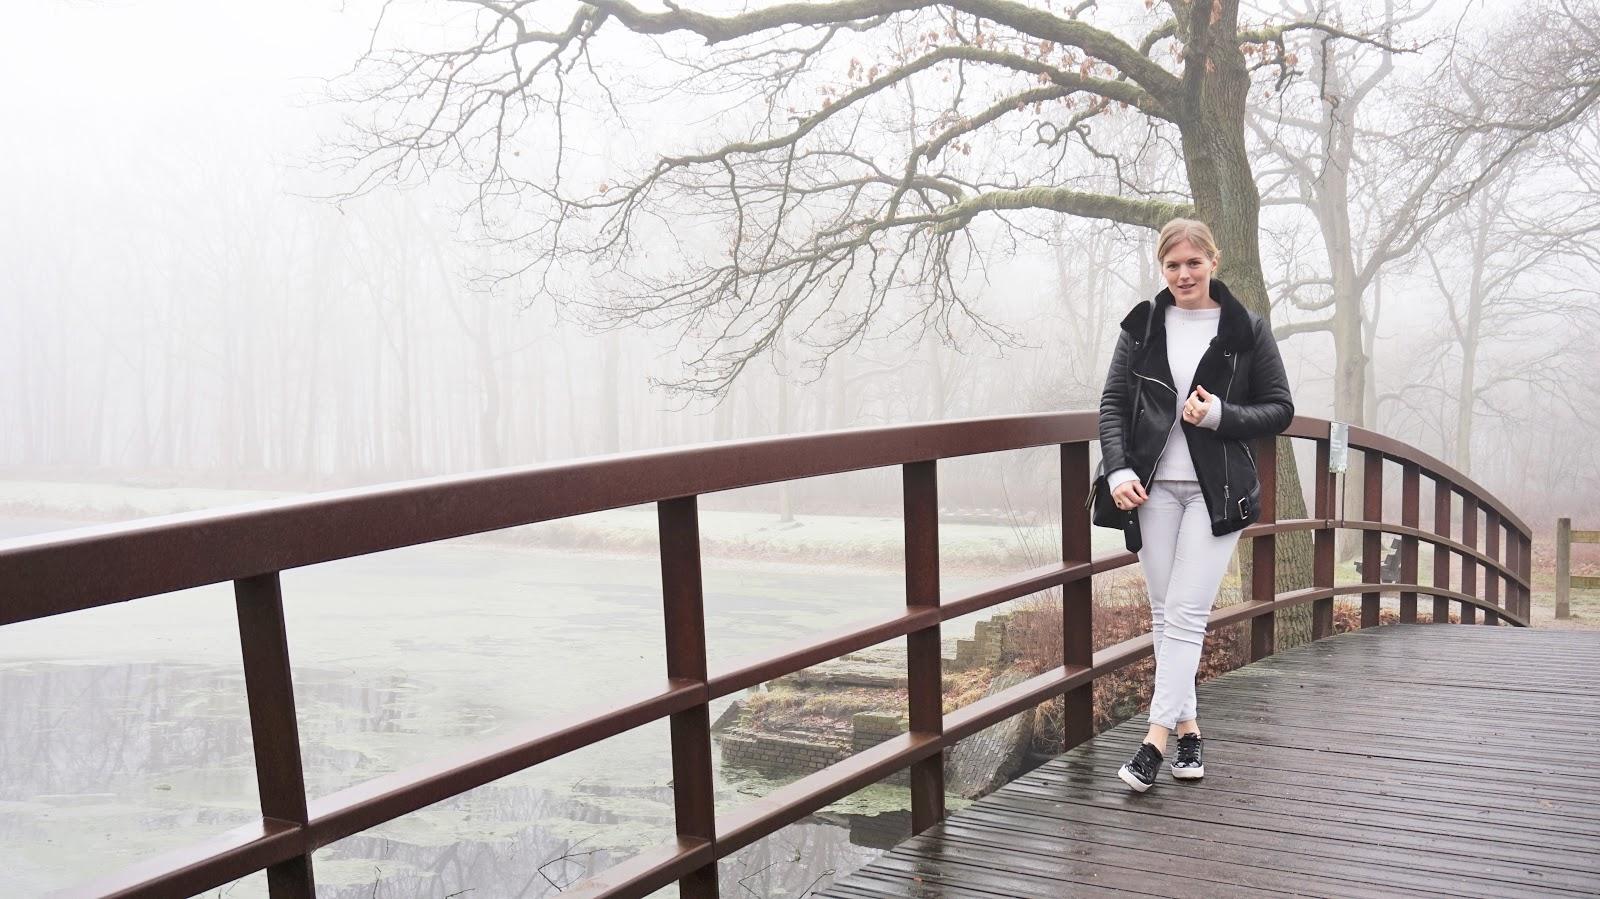 DSC03056 | Eline Van Dingenen